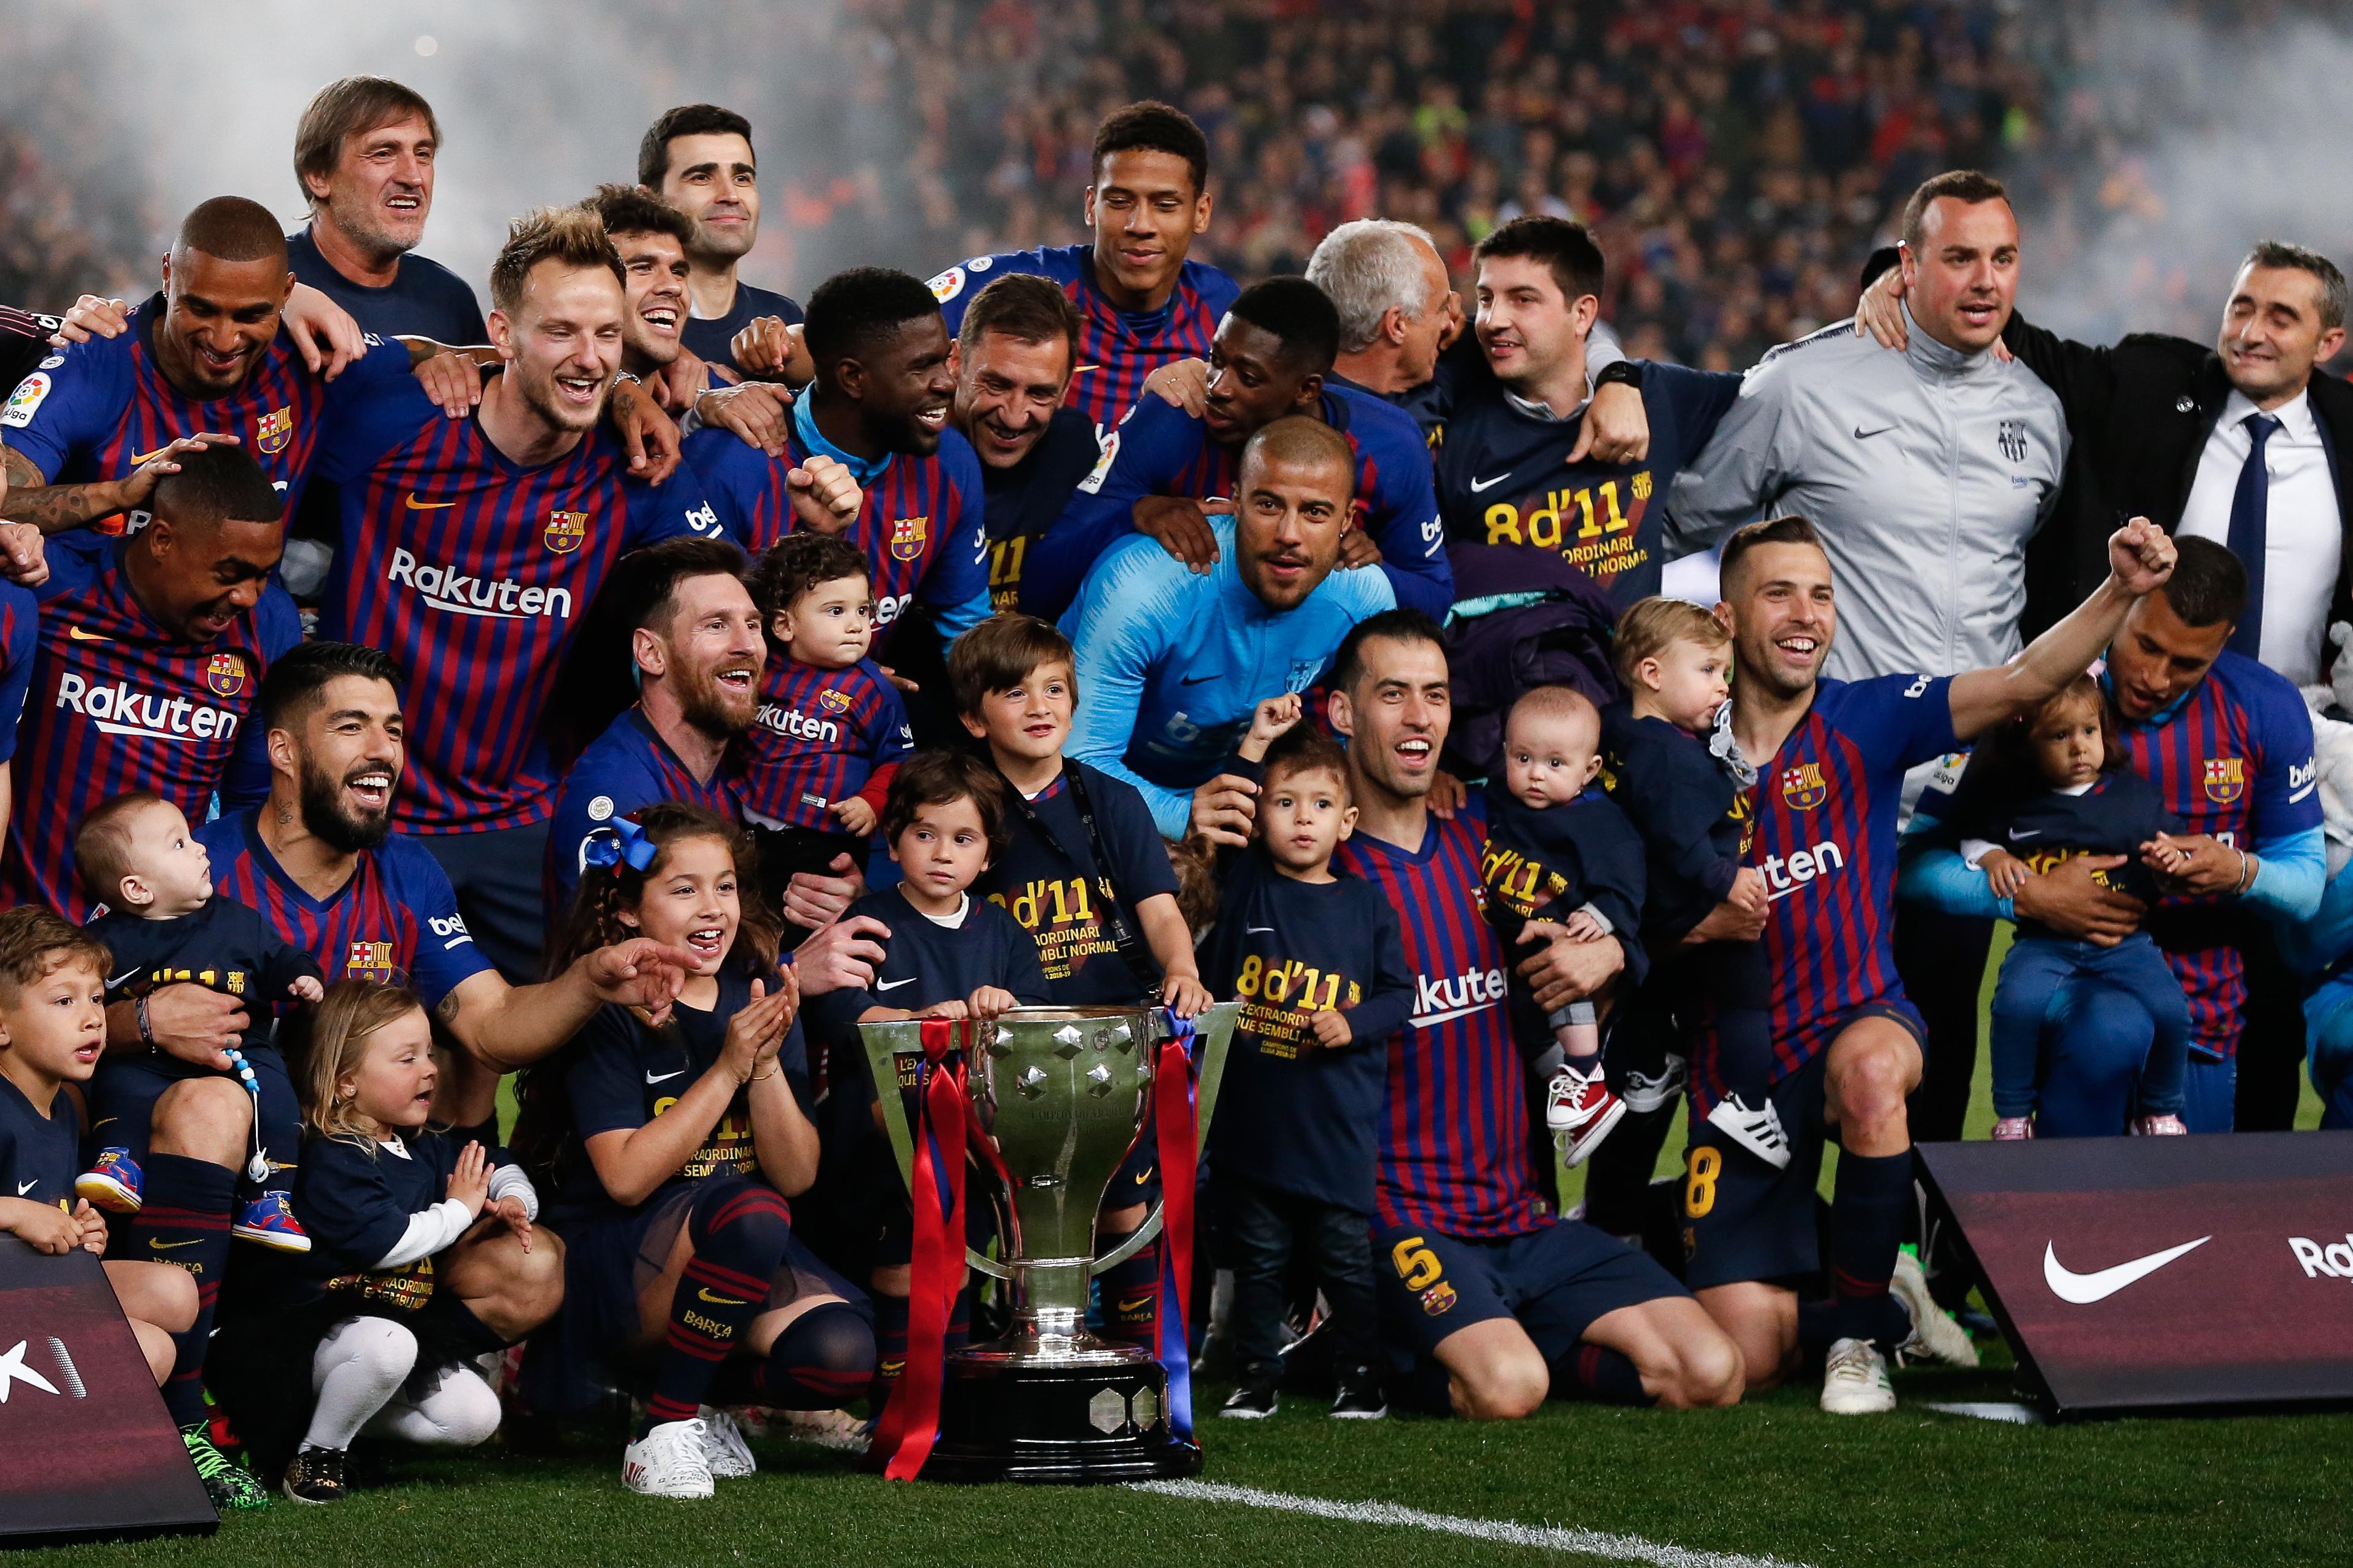 Los jugadores del Barcelona junto a sus hijos celebran el título de LaLiga de la temporada 2018-2019. (Foto Prensa Libre: AFP)